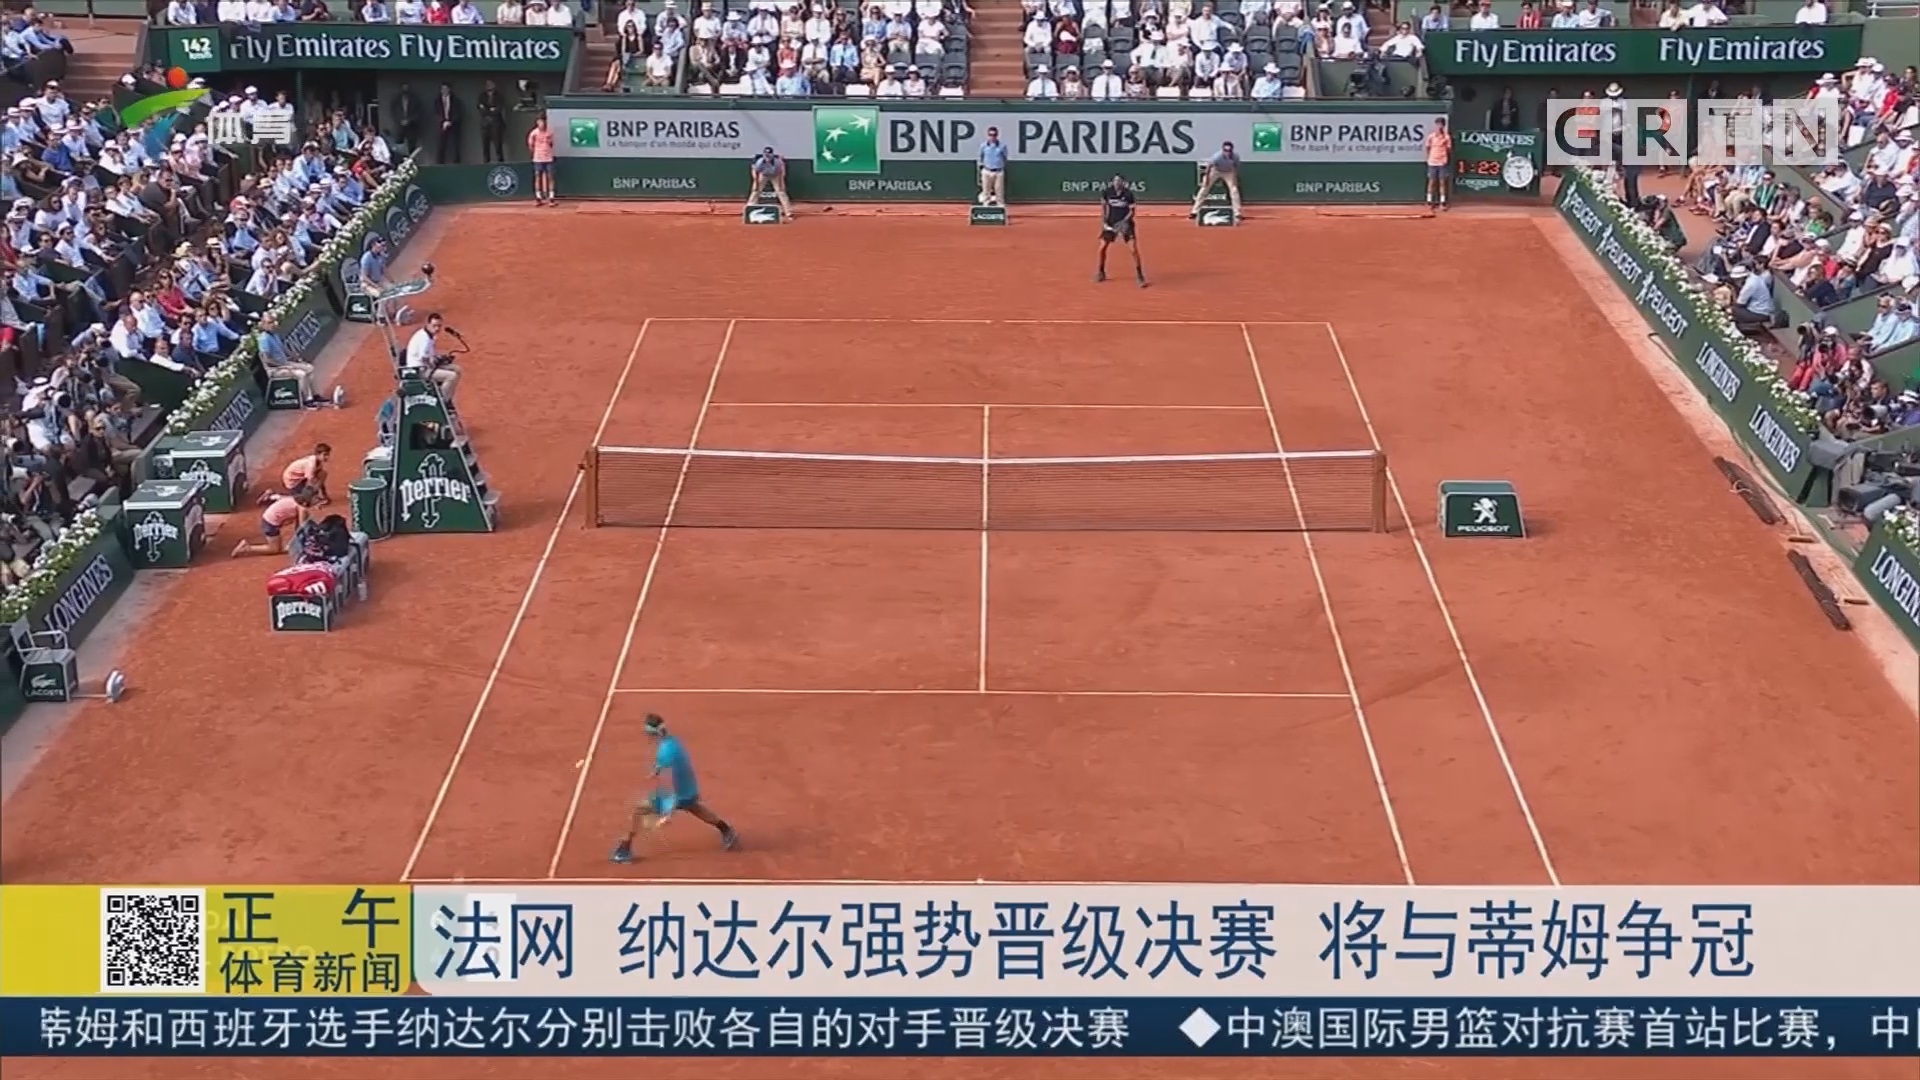 法网 纳达尔强势晋级决赛 将于蒂姆争冠